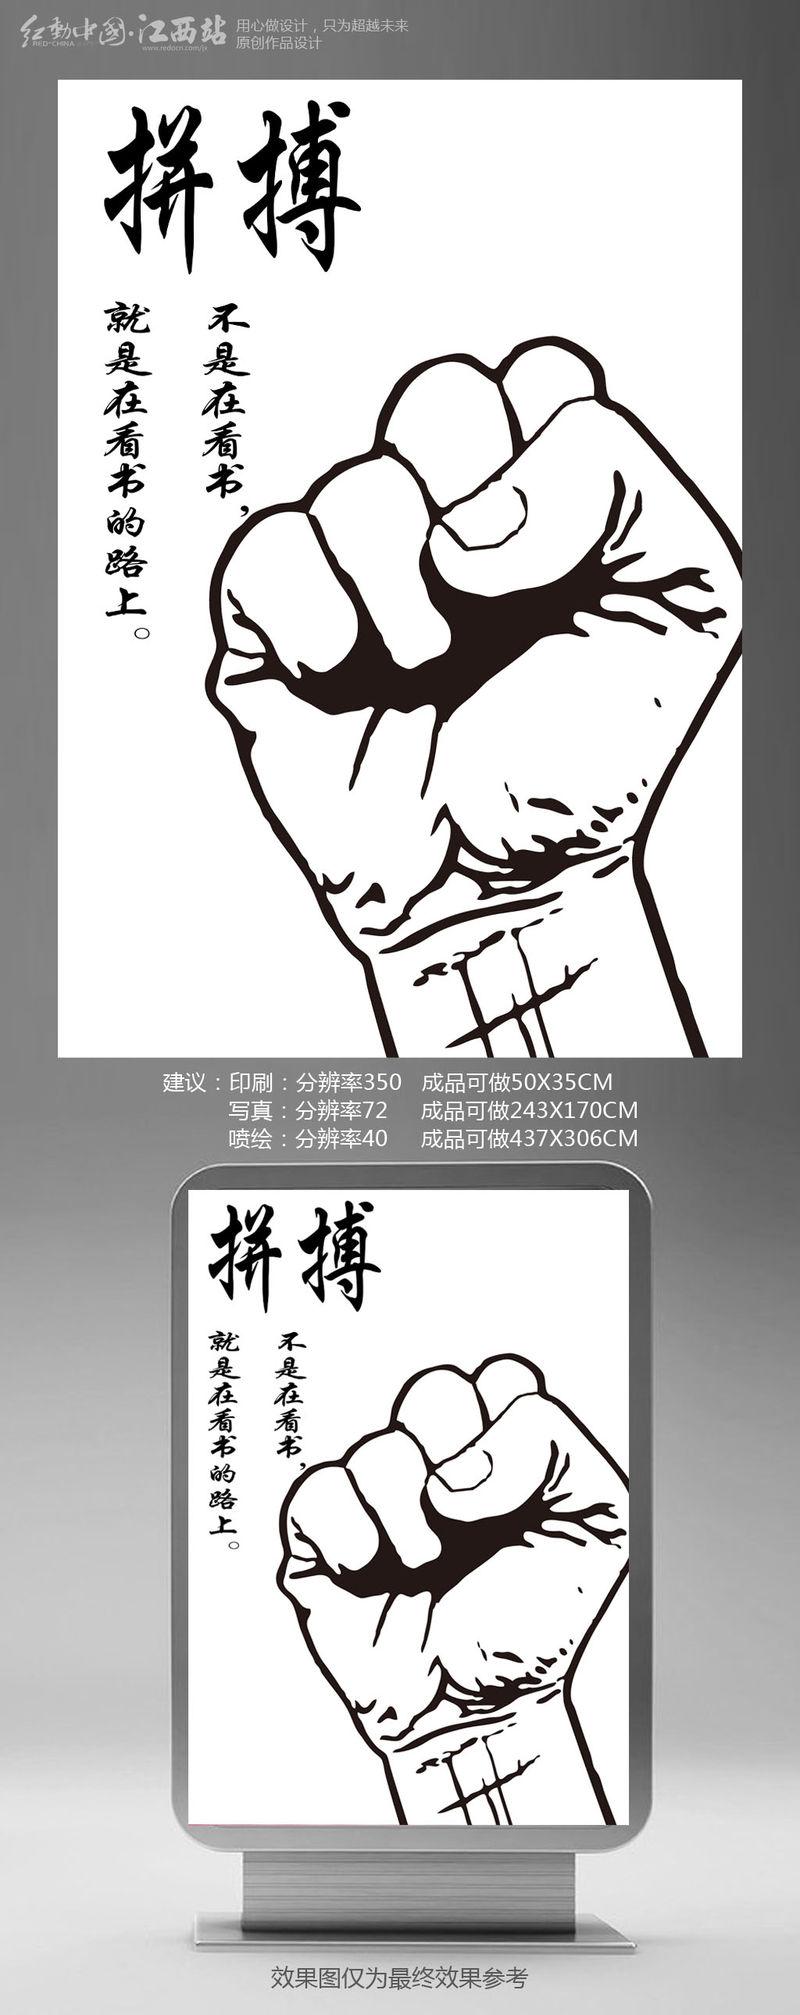 黑白励志拼搏海报设计